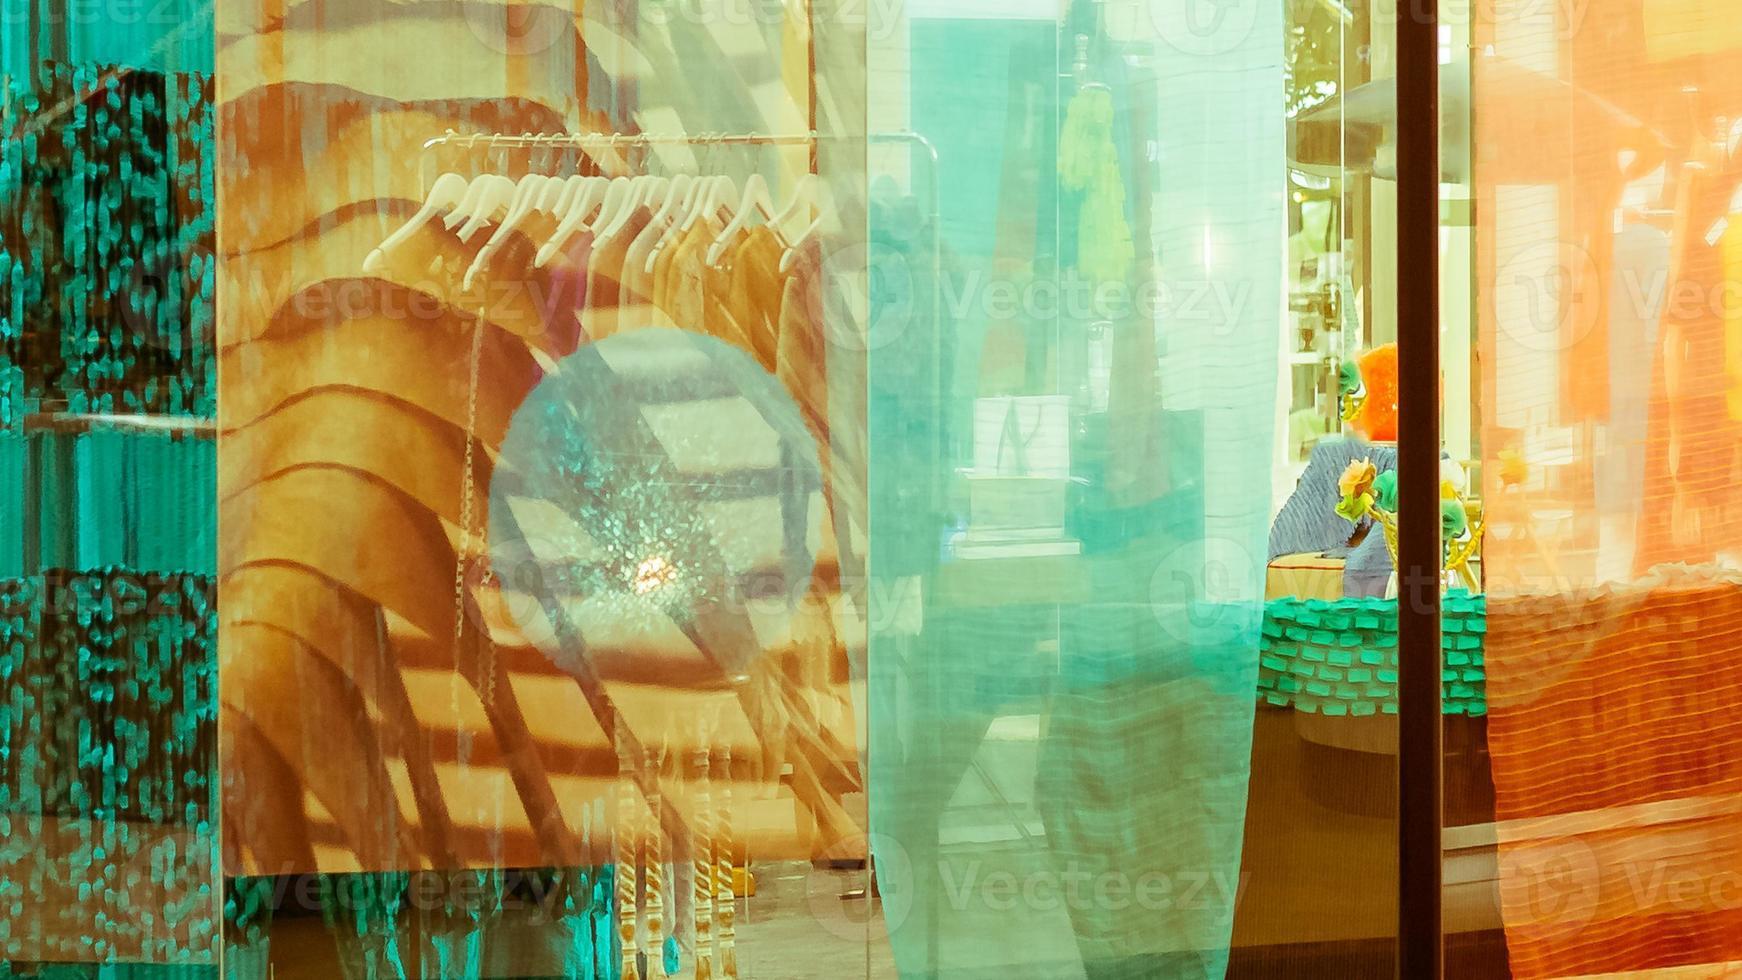 dubbele belichting, spiegelreflectie van kledingwinkel foto